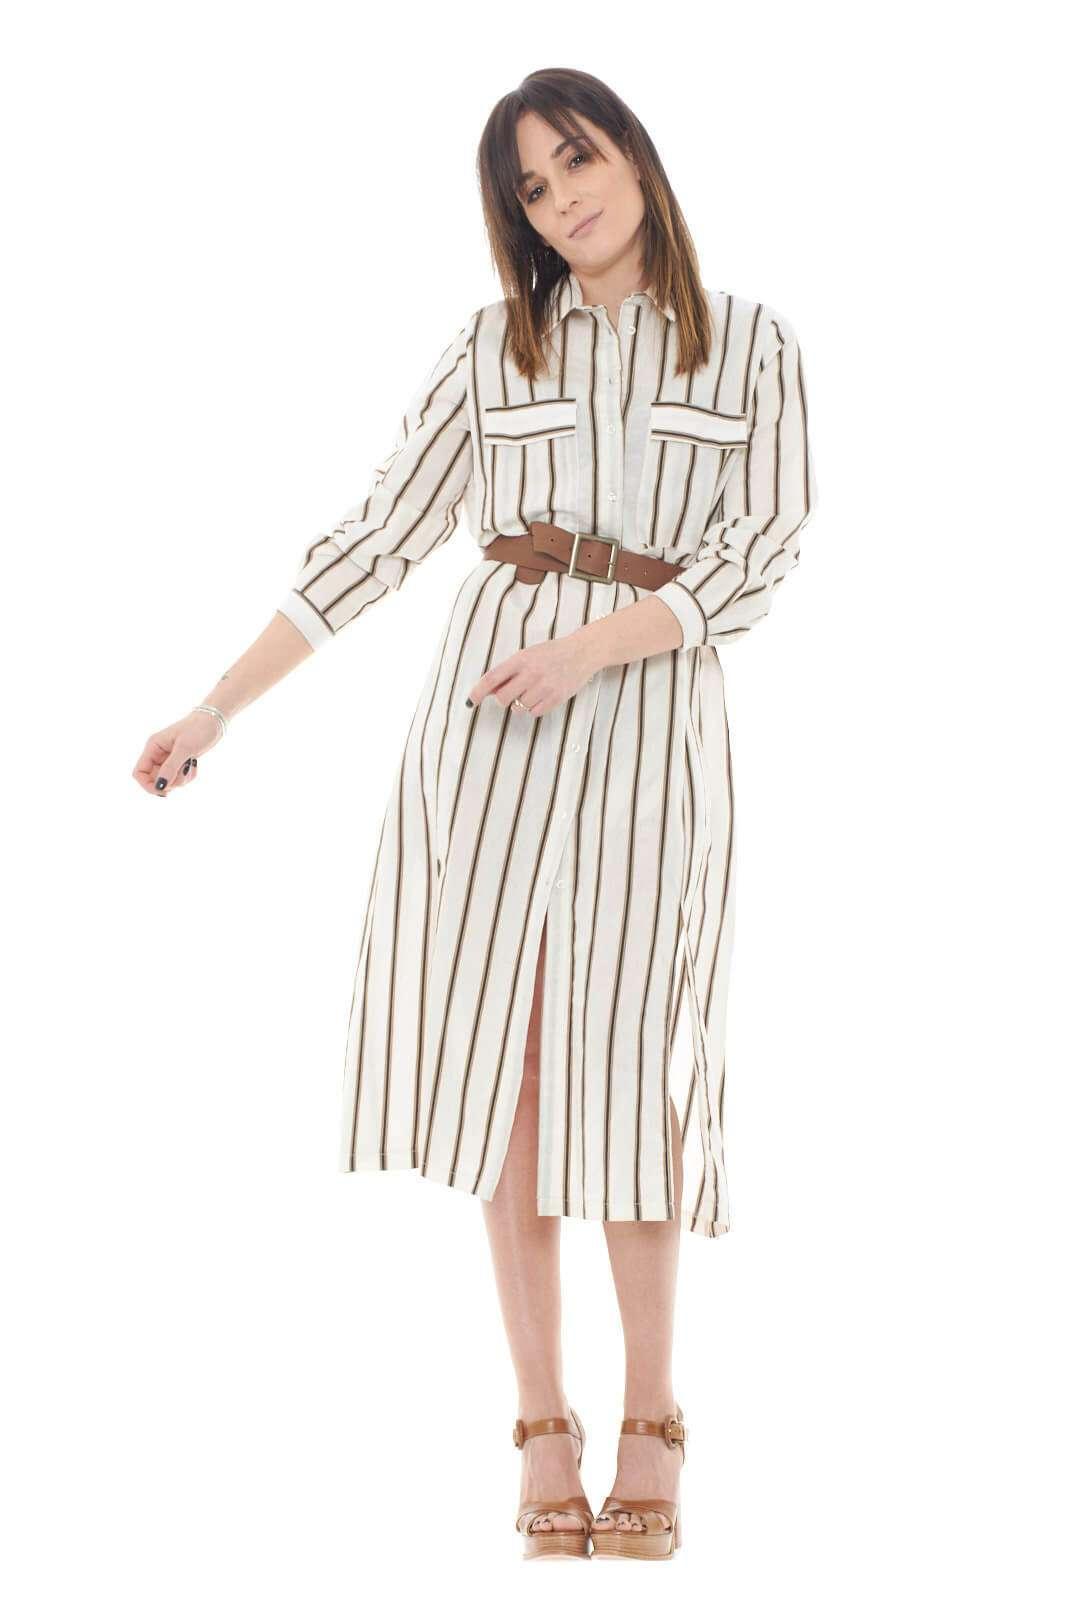 Un abito dal tocco casual quello proposto dalla collezione donna Dixie.  La fantasia rigata lo esalta e lo rende perfetto da indossare con uno stivale alto cammello.  Casual e raffinato si adatta anche ad occasioni più formali come le lavorative.